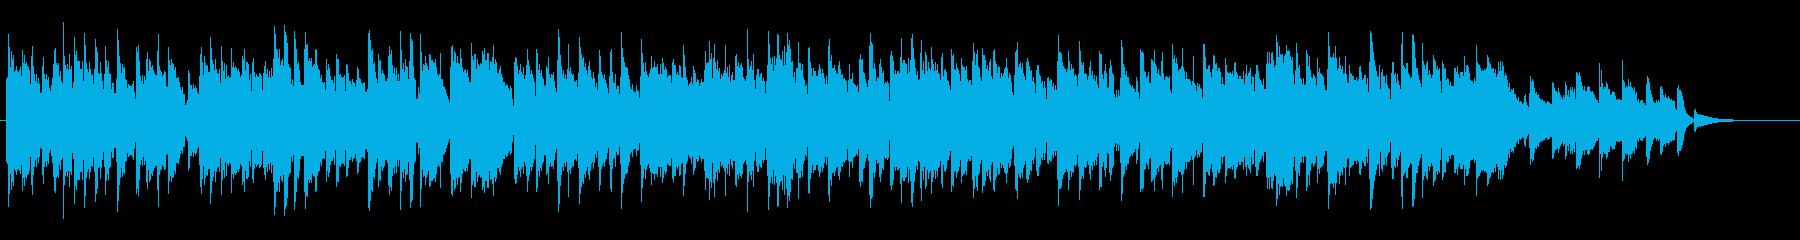 英国ルネサンス調・耽美なアコギ二重奏の再生済みの波形